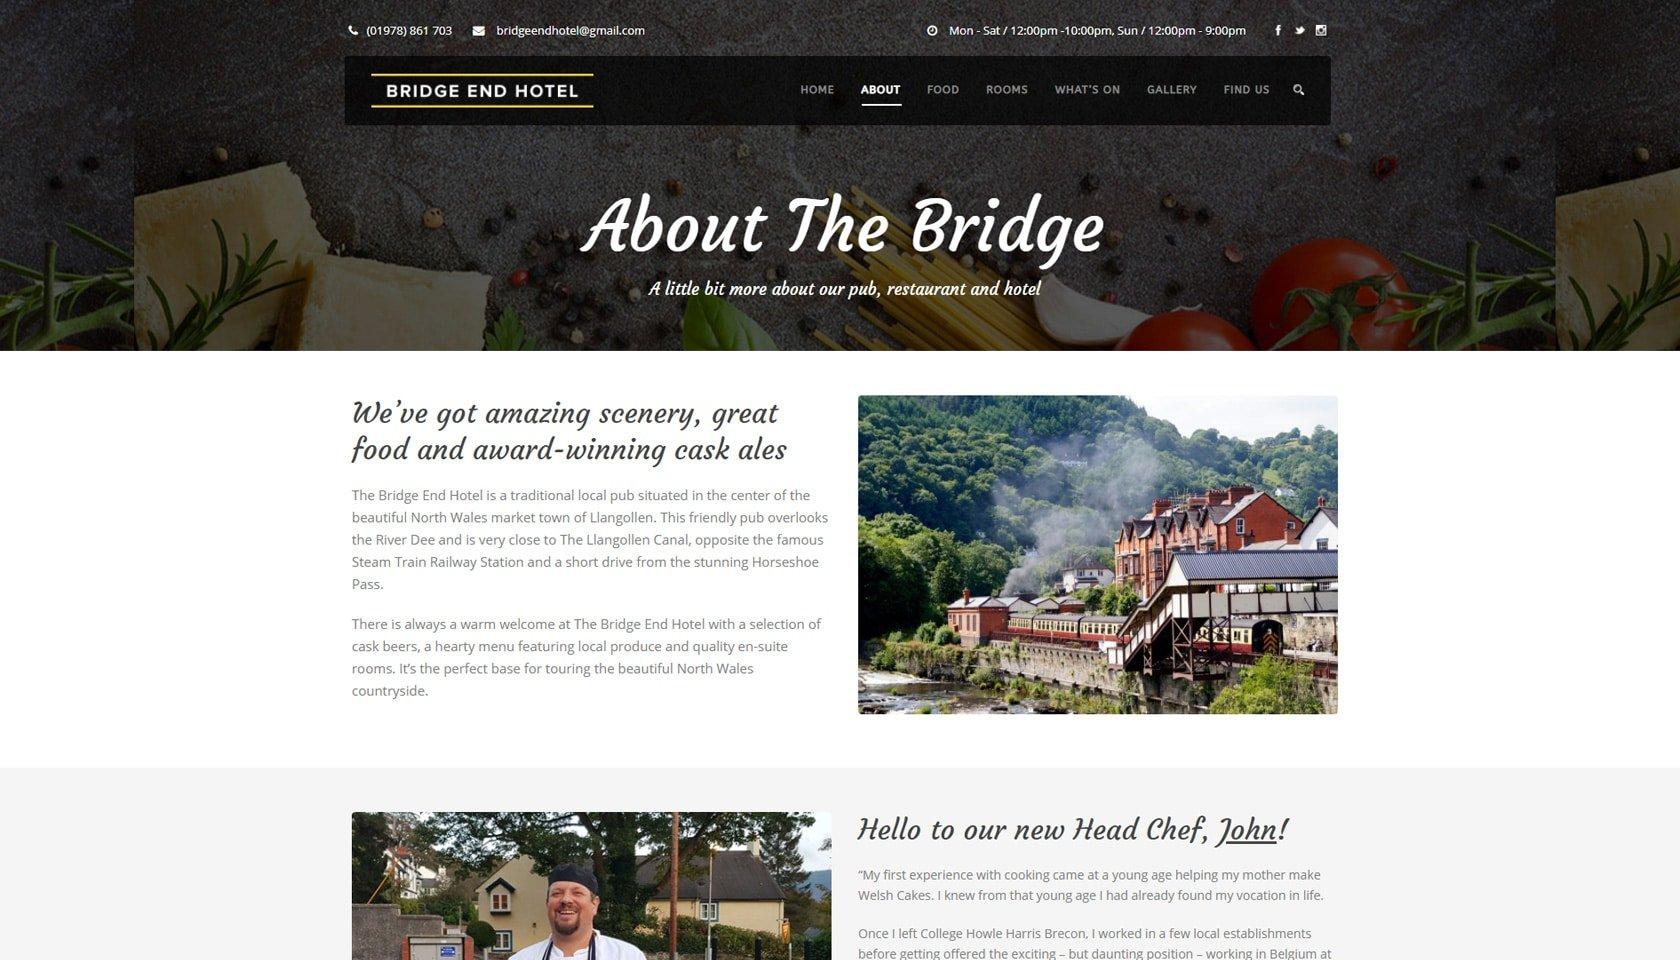 bridge end hotel about us